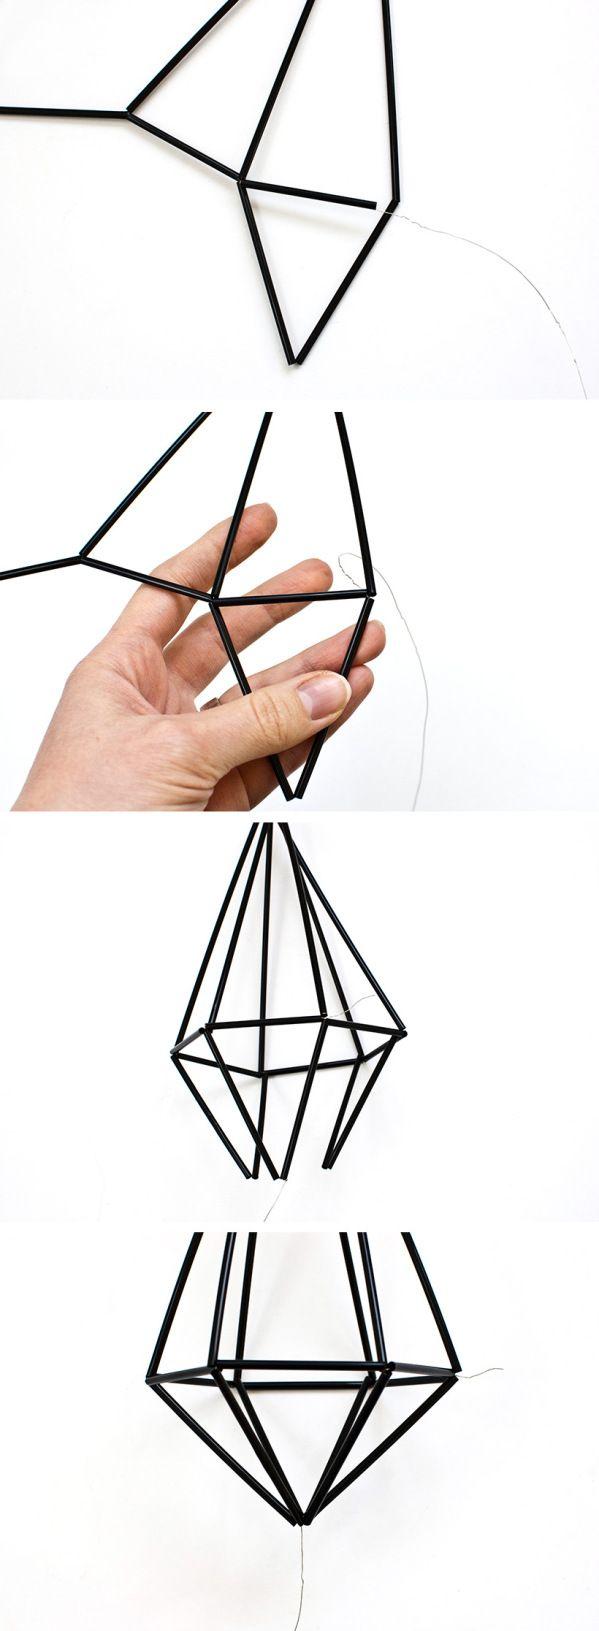 Déco géométrique  Déco géométrique